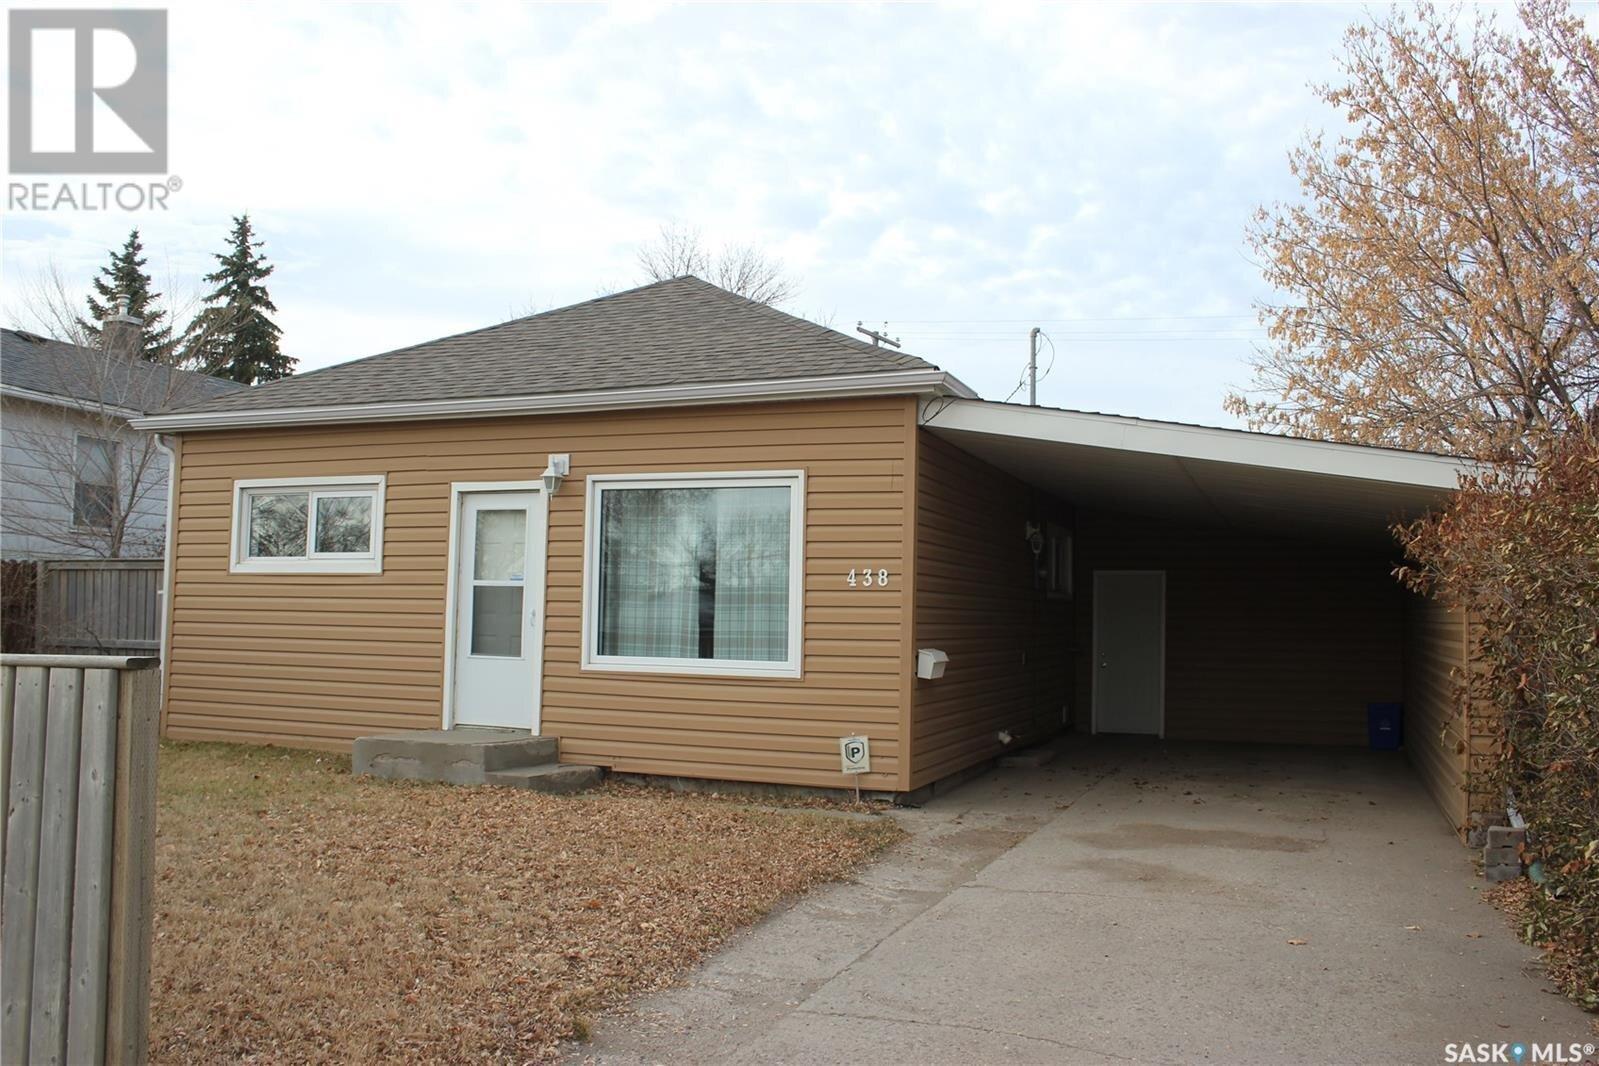 House for sale at 438 Fourth St Estevan Saskatchewan - MLS: SK833295